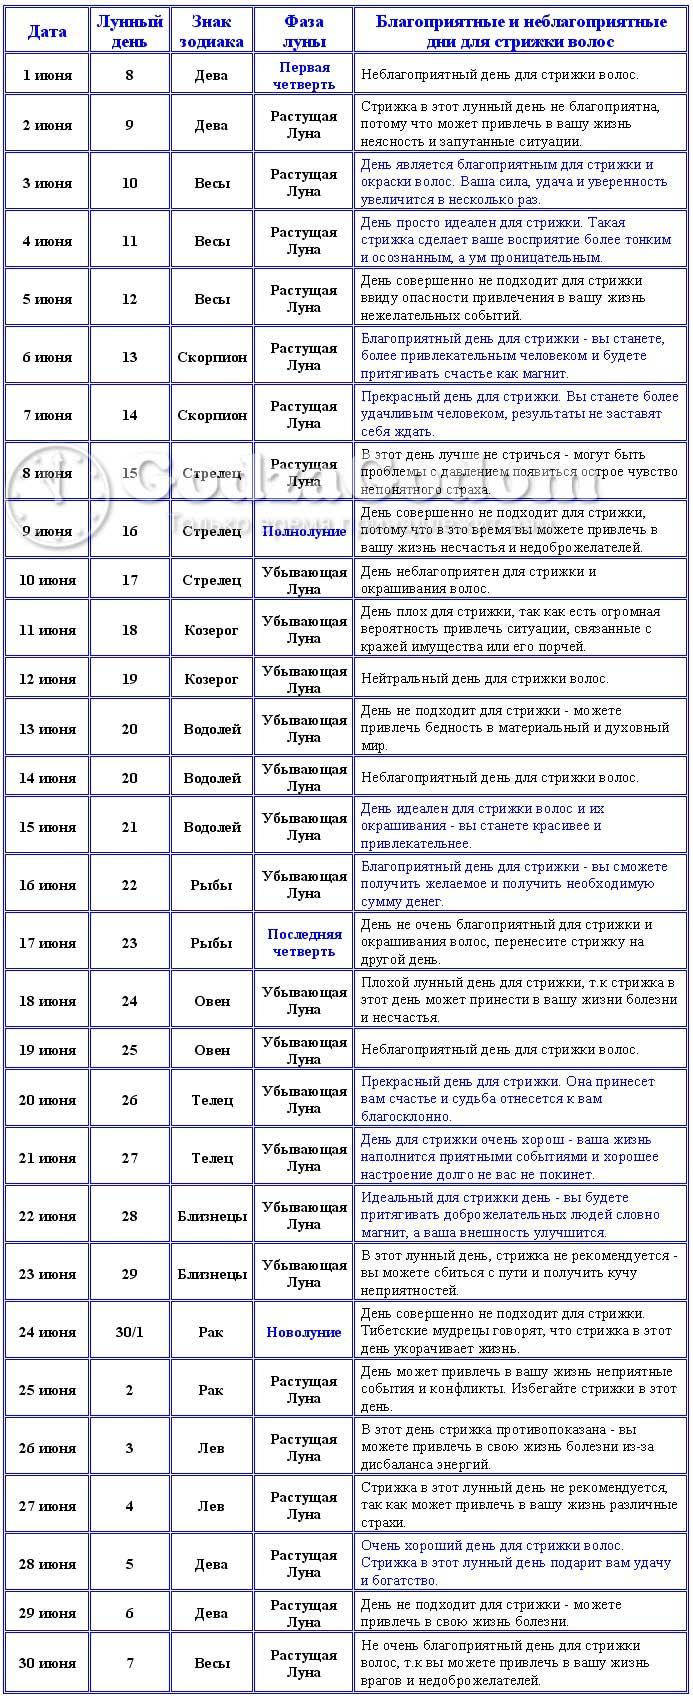 Таблица - Лунный календарь стрижек и окрашивания на июнь 2017 г.